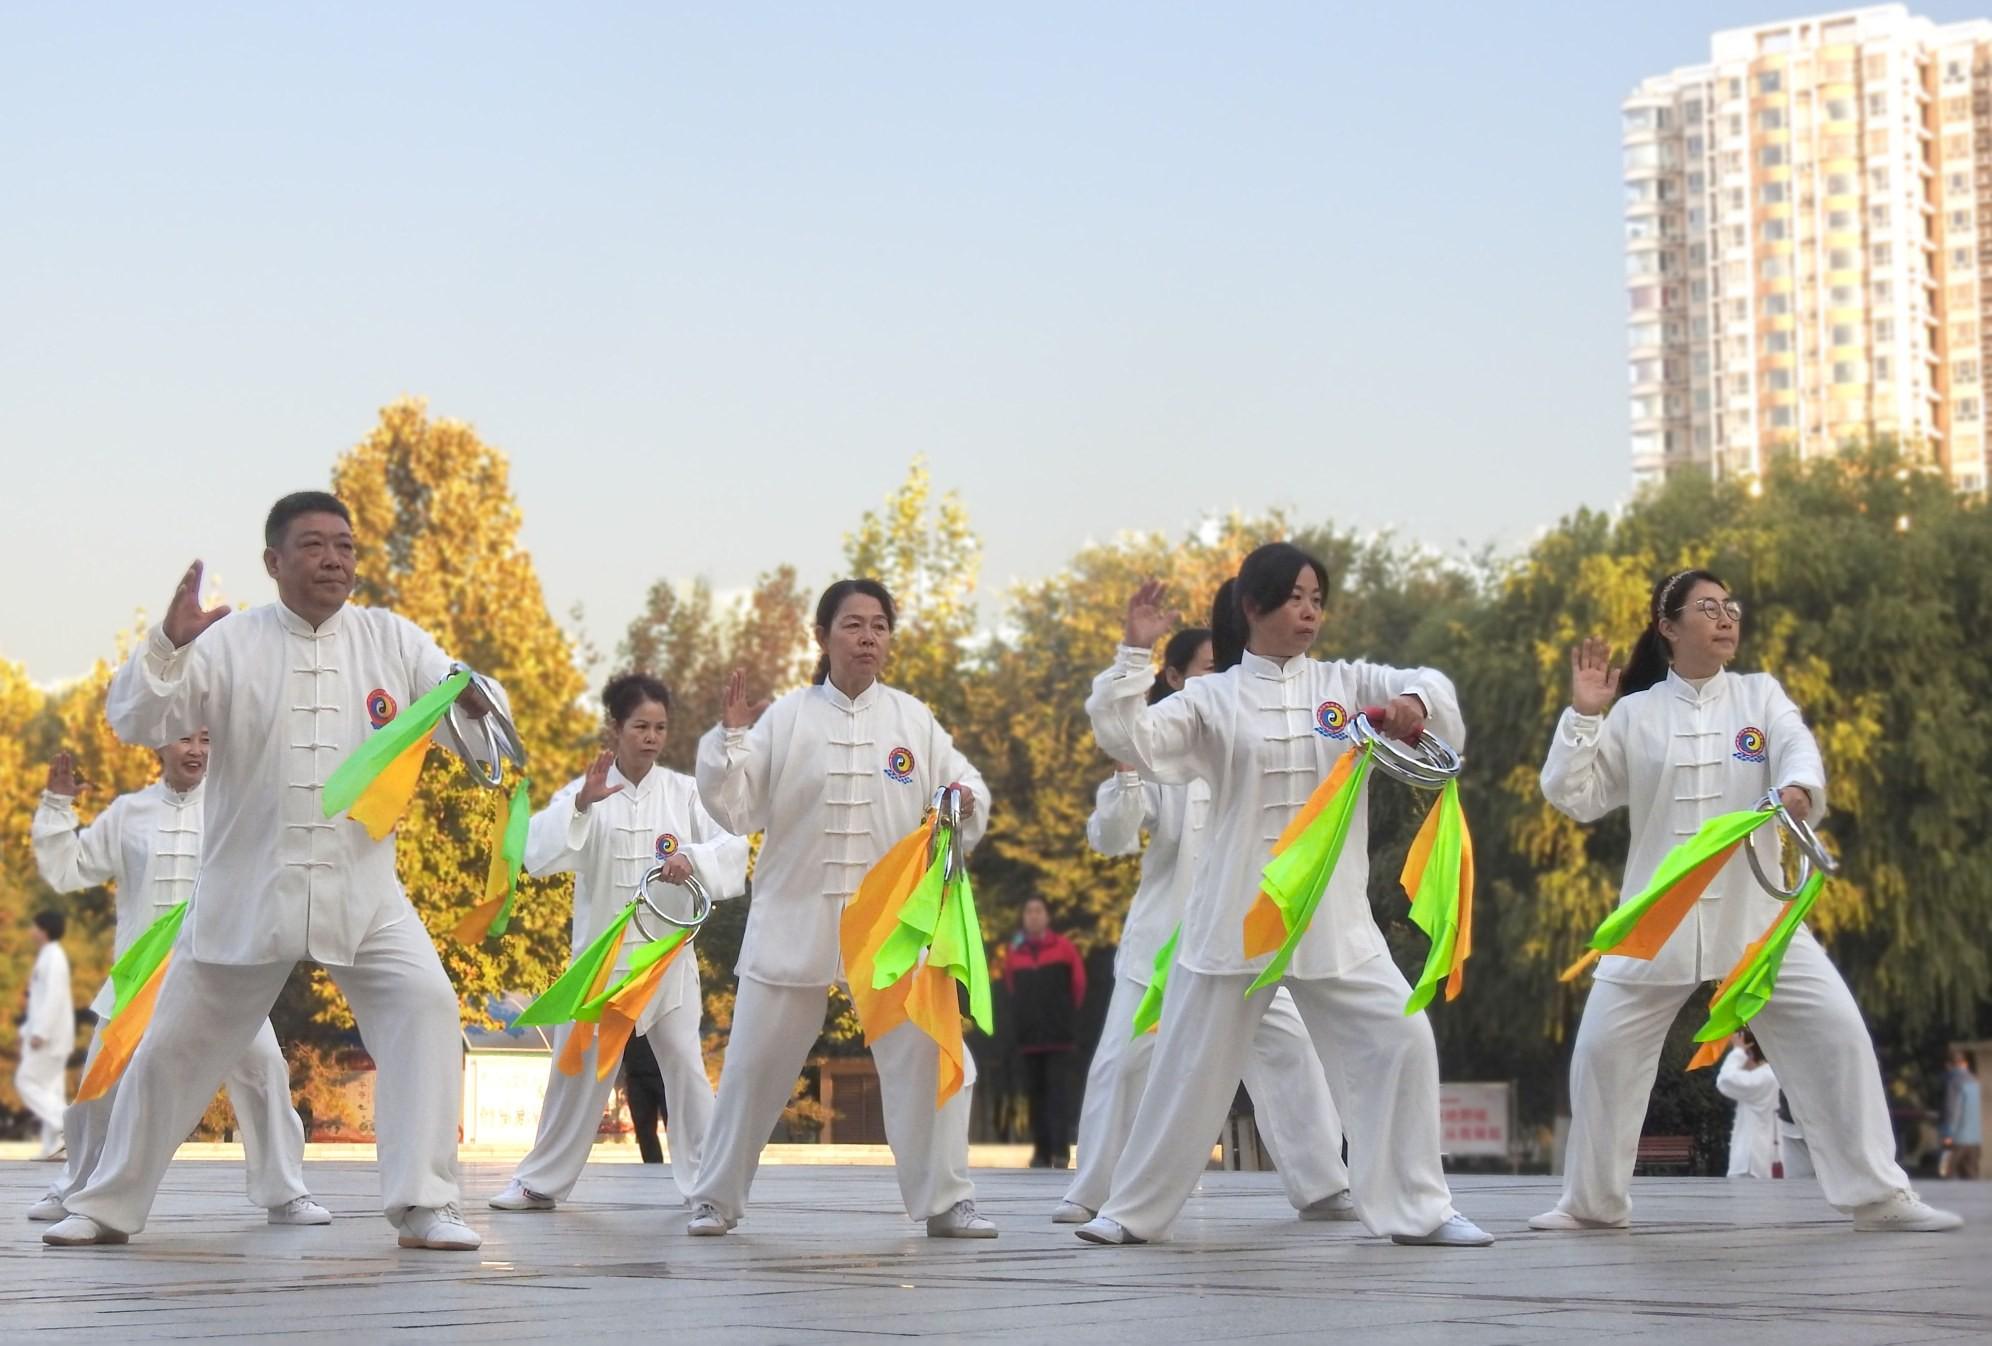 2020重阳节全民健身技能展示会在中山公园拉开帷幕